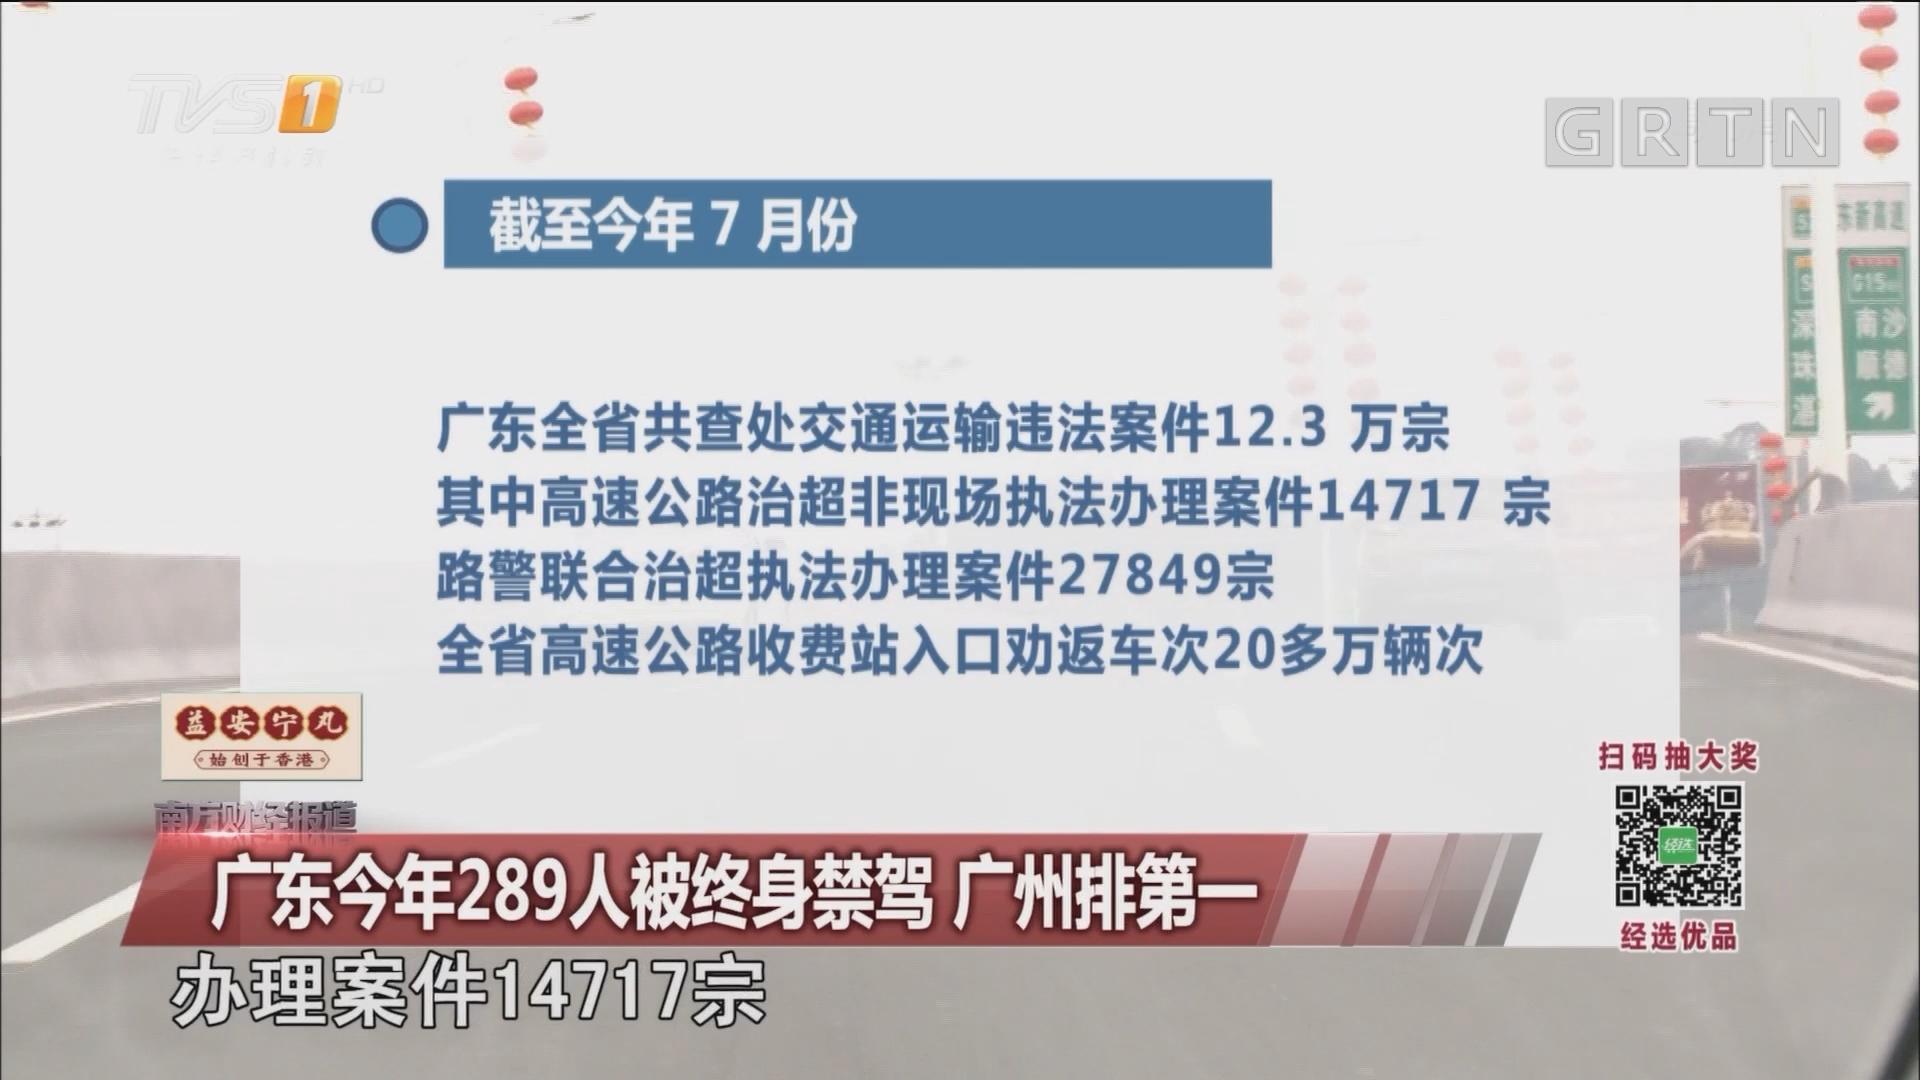 广东今年289人被终身禁驾 广州排第一